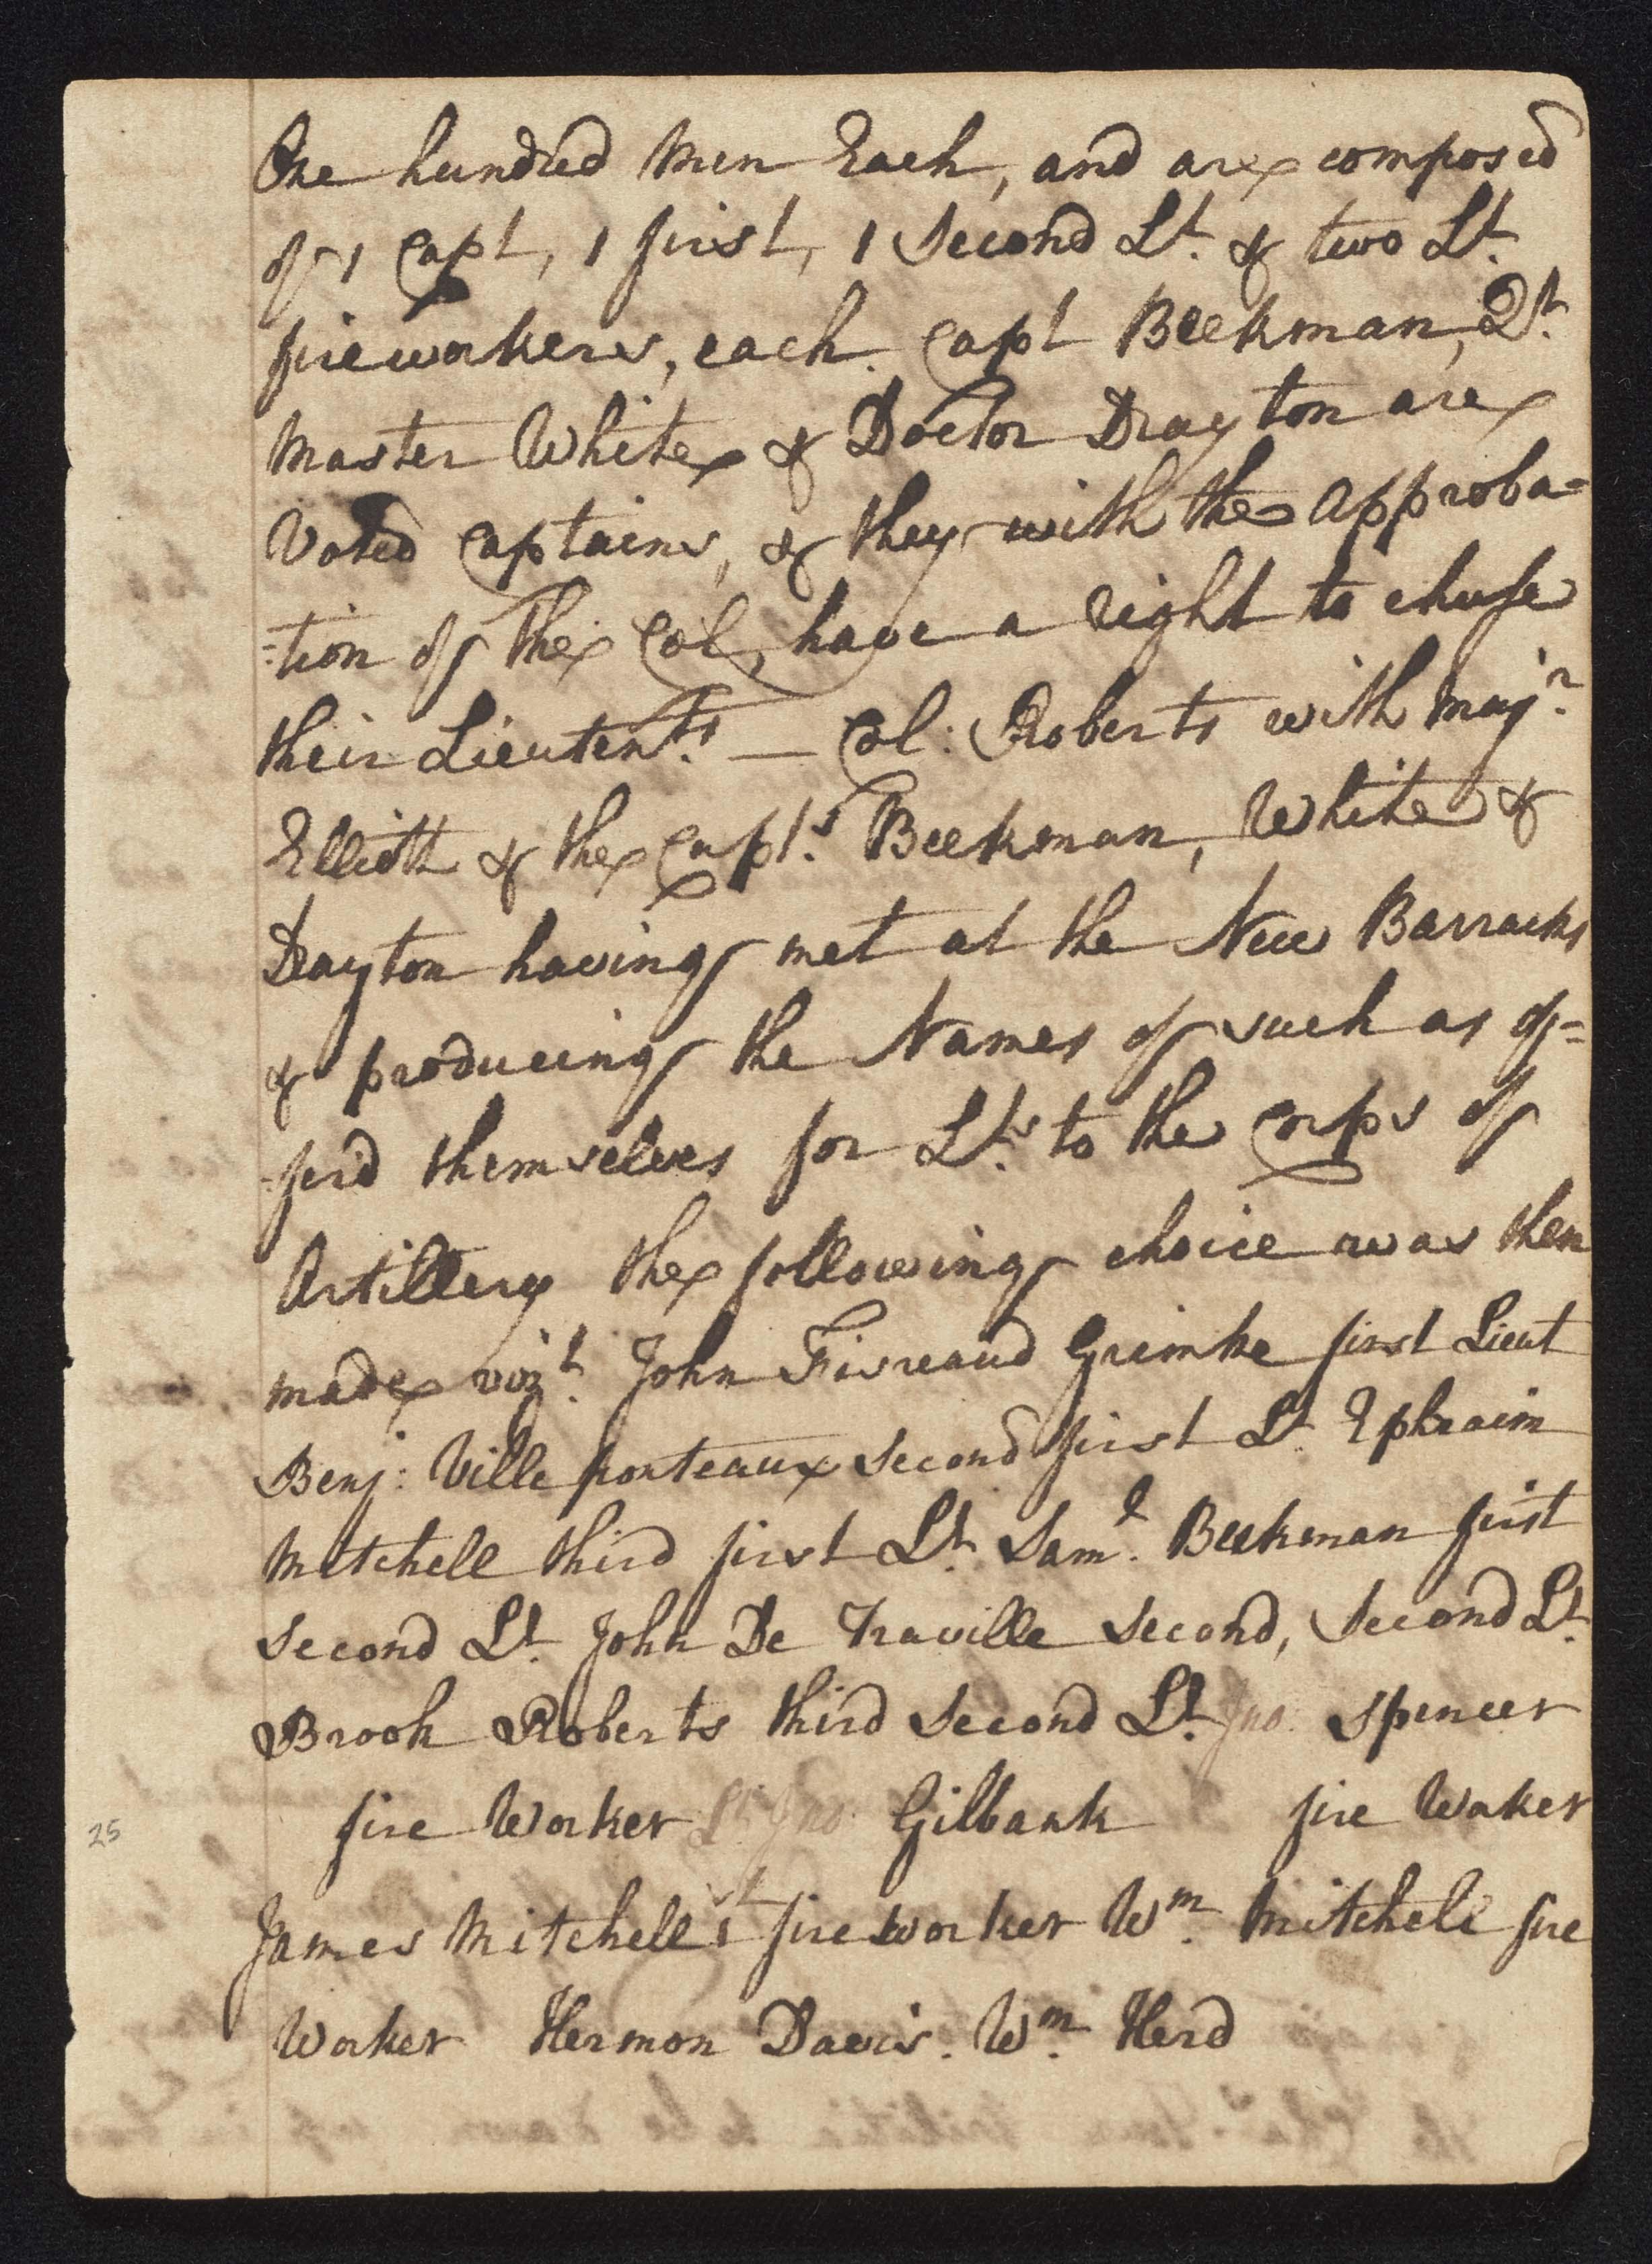 South Carolina Regiment Order Book, Page 49